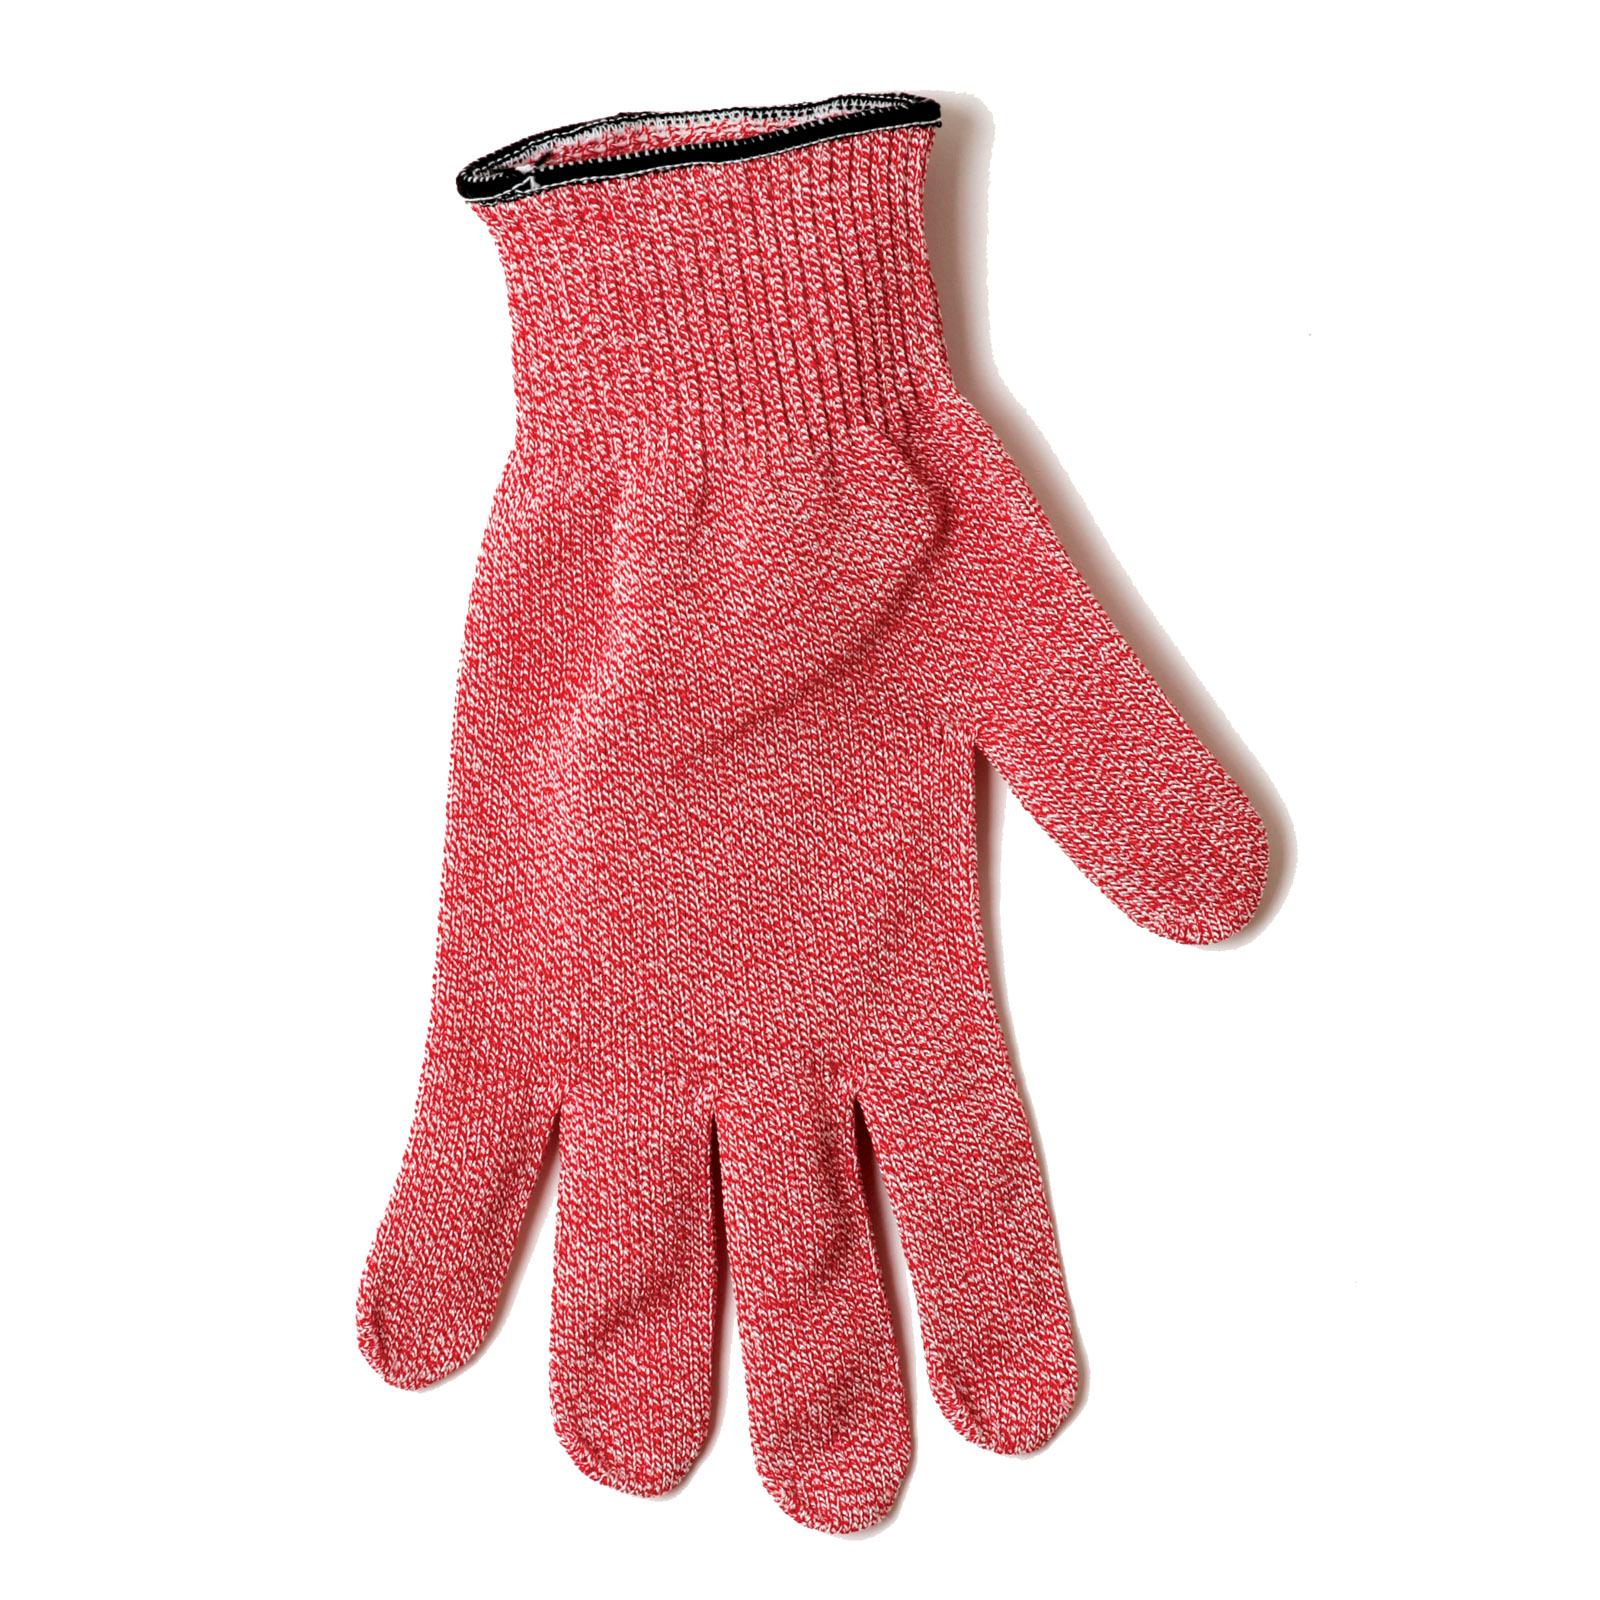 San Jamar SG10-RD-S glove, cut resistant